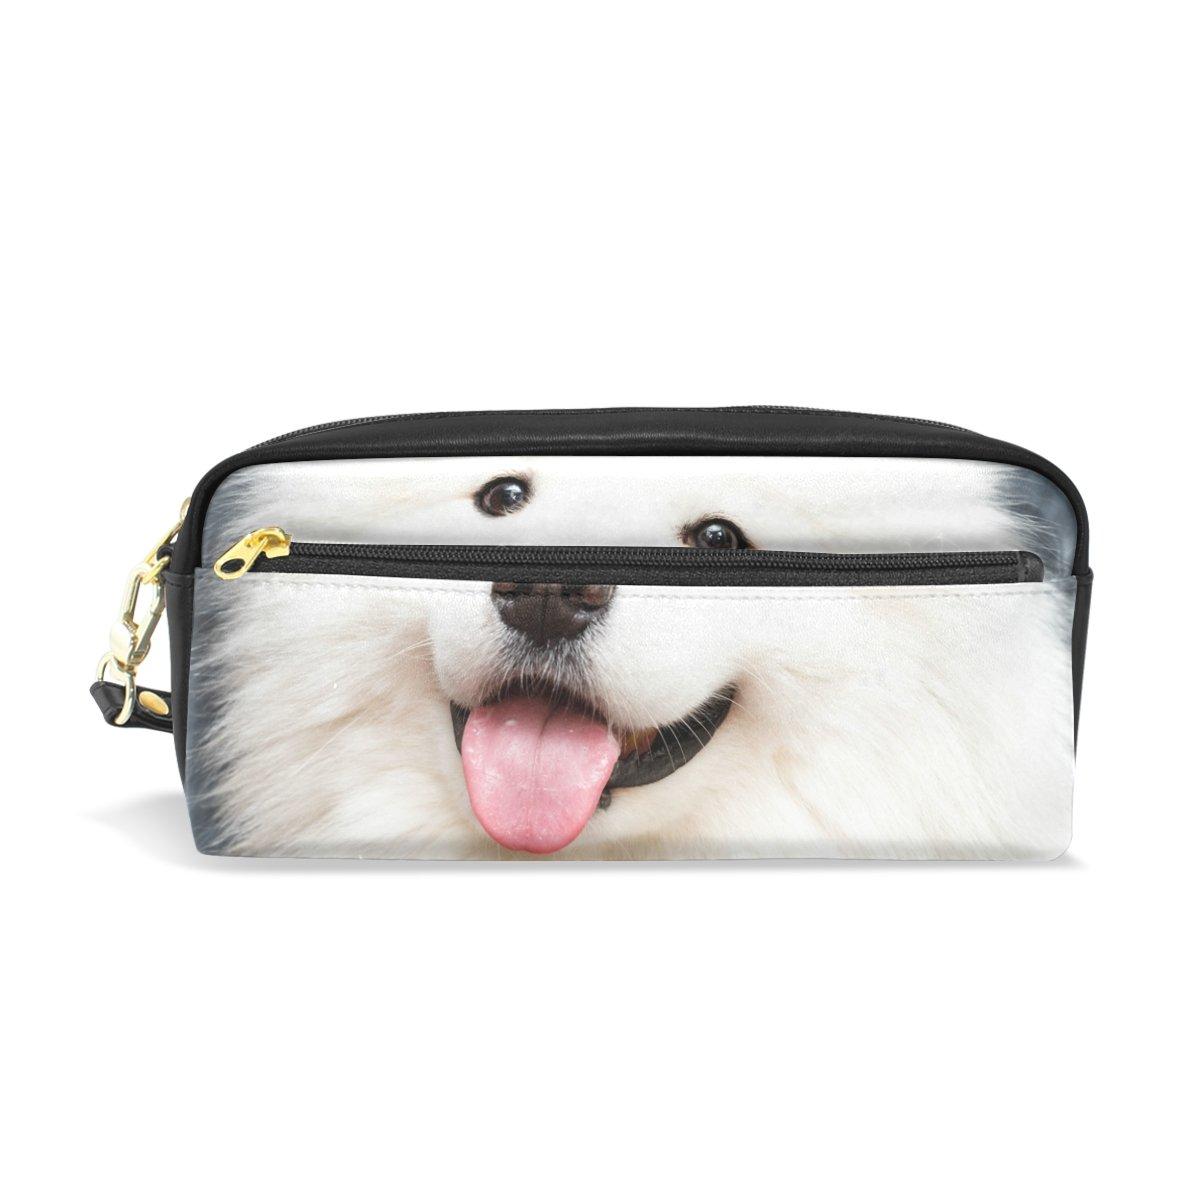 最適な材料 Colourlife鉛筆ケースSamoyed Dog Dog At At Homeレザーポーチバッグメイクアップコスメティックバッグ B07DXM8BP4 B07DXM8BP4, リサイクル通販 スリフティ:8fc4bc63 --- svecha37.ru